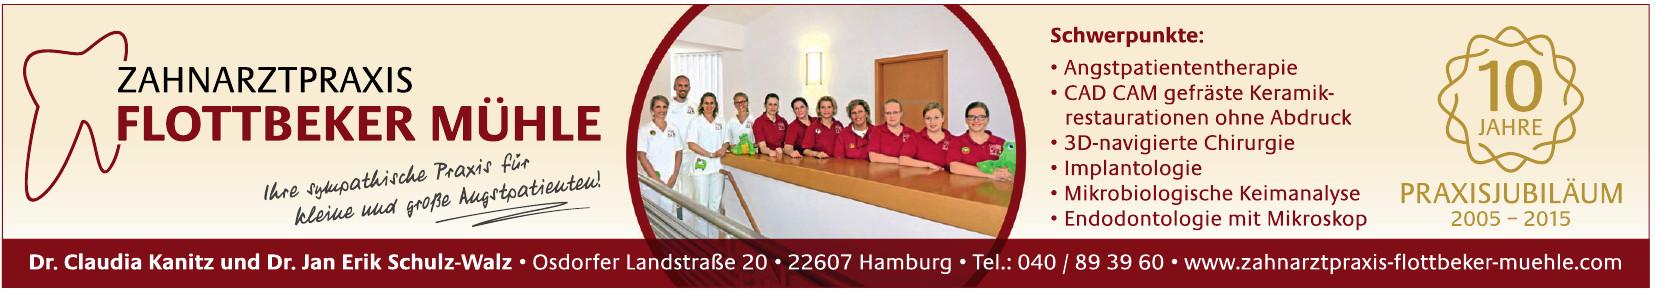 Zahnarztpraxis Flottbeker Mühle